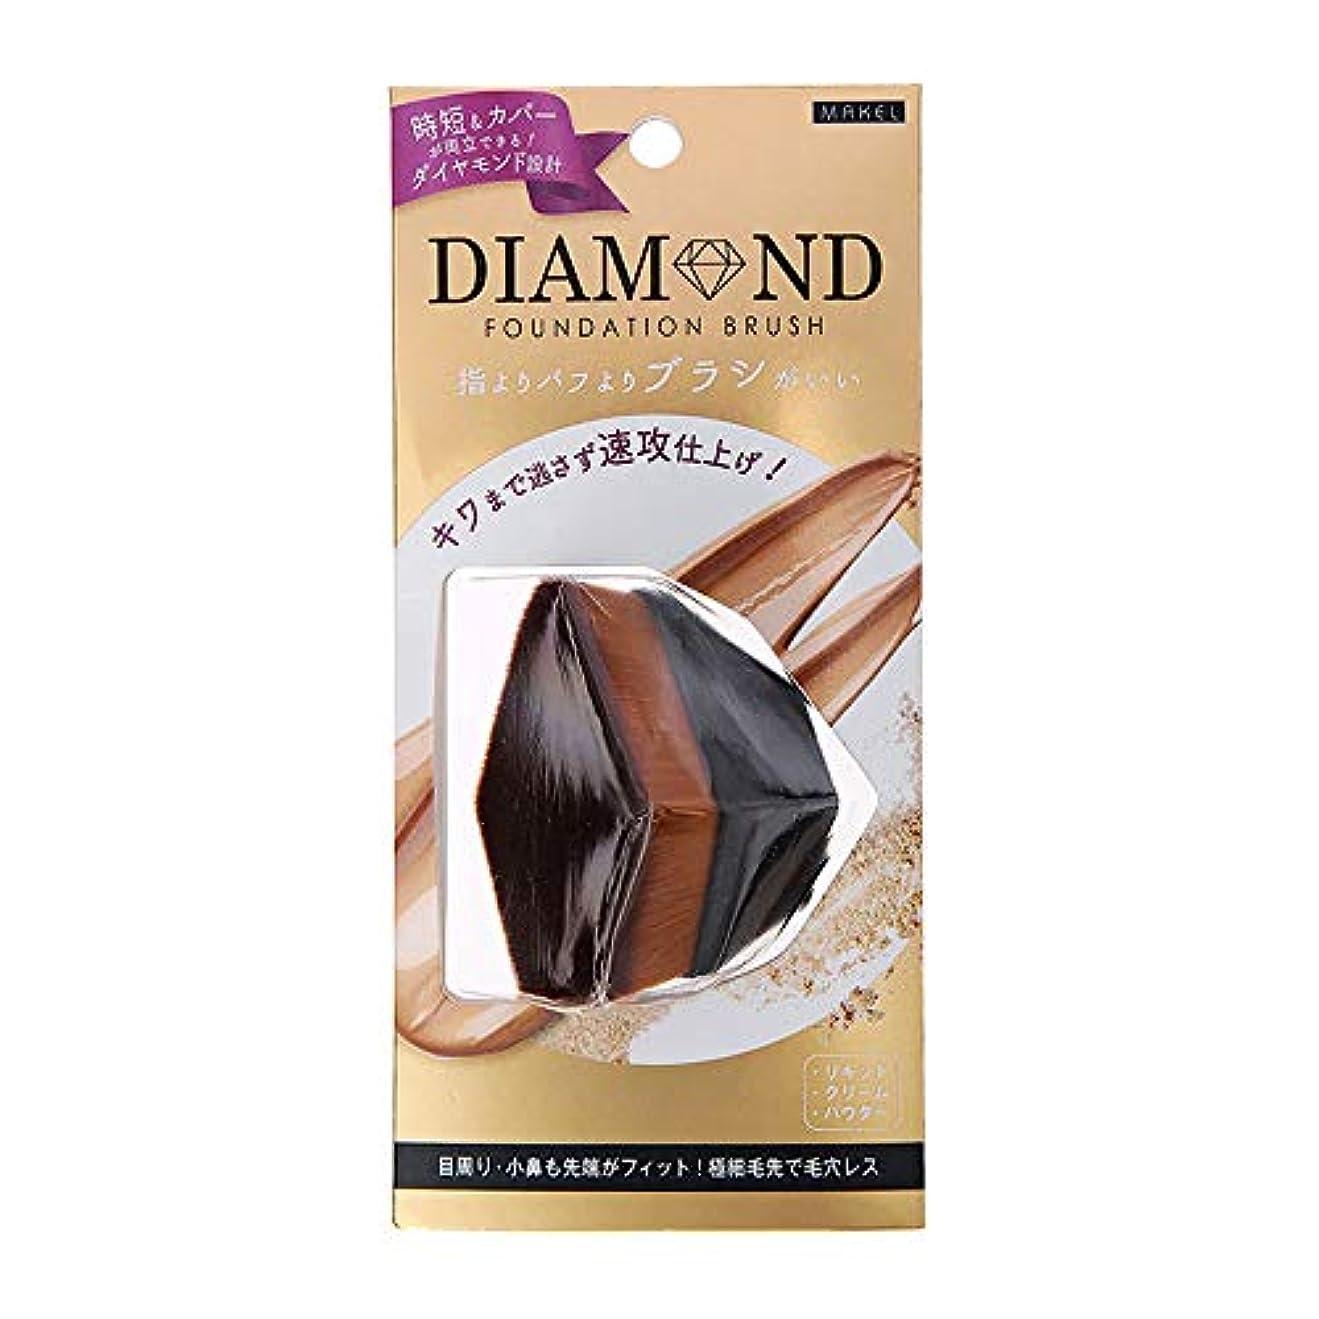 監査九シソーラスダイヤモンドファンデーションブラシ(ブラック) DIB1500